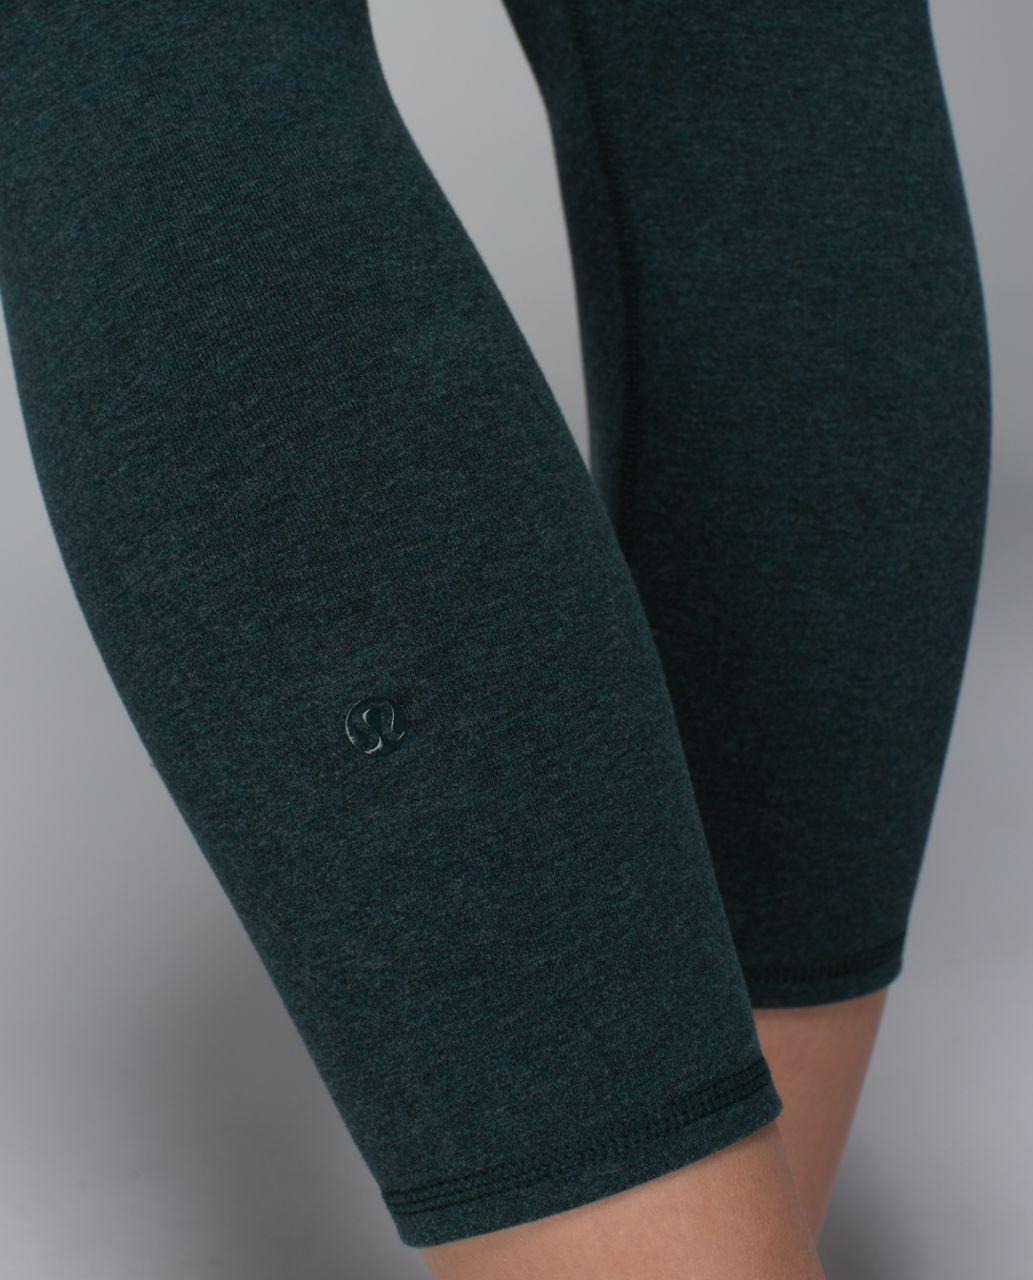 Lululemon Wunder Under Crop II *Cotton (Roll Down) - Heathered Fuel Green